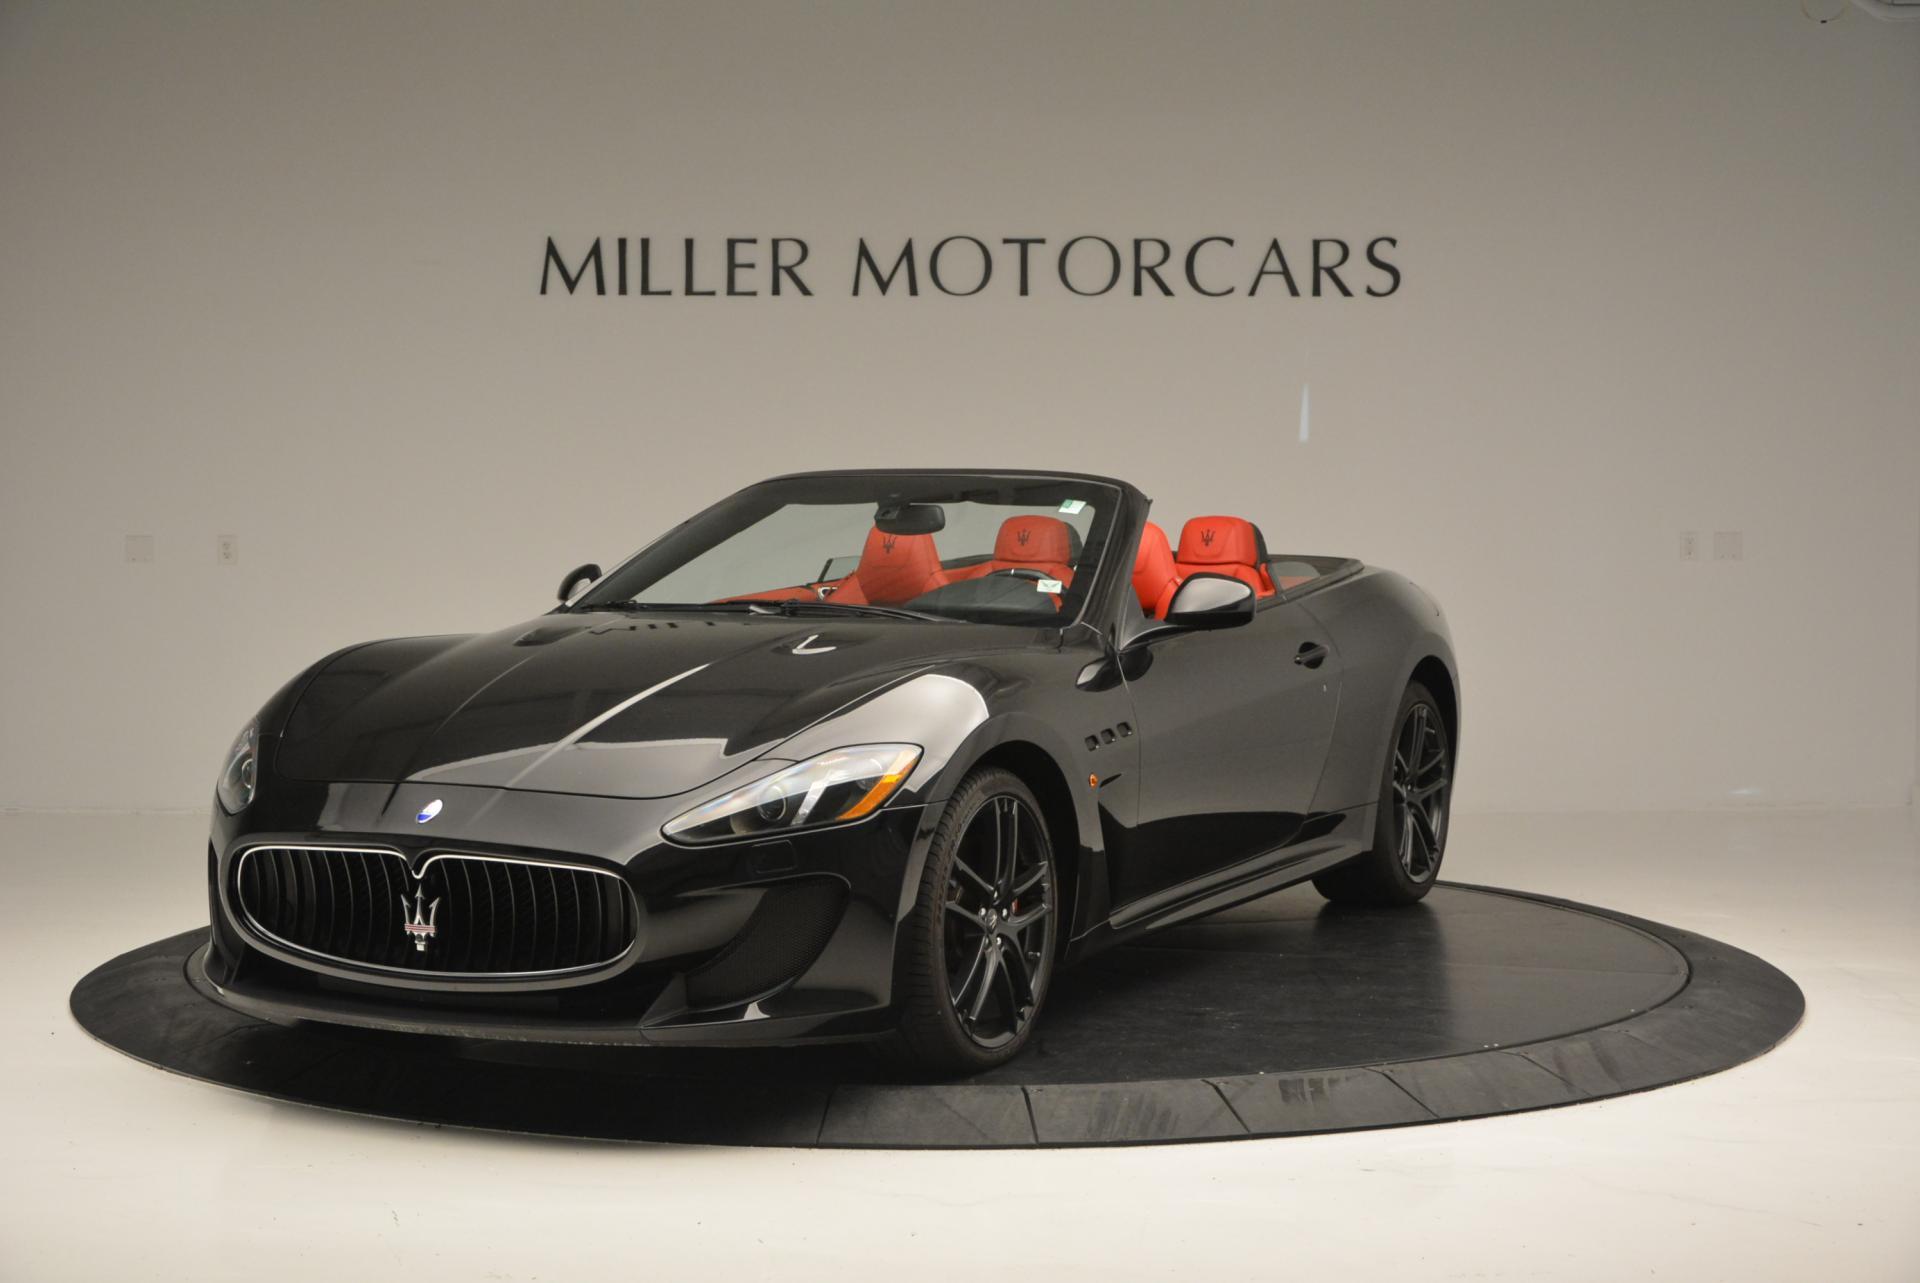 Used 2013 Maserati GranTurismo MC for sale Sold at Pagani of Greenwich in Greenwich CT 06830 1